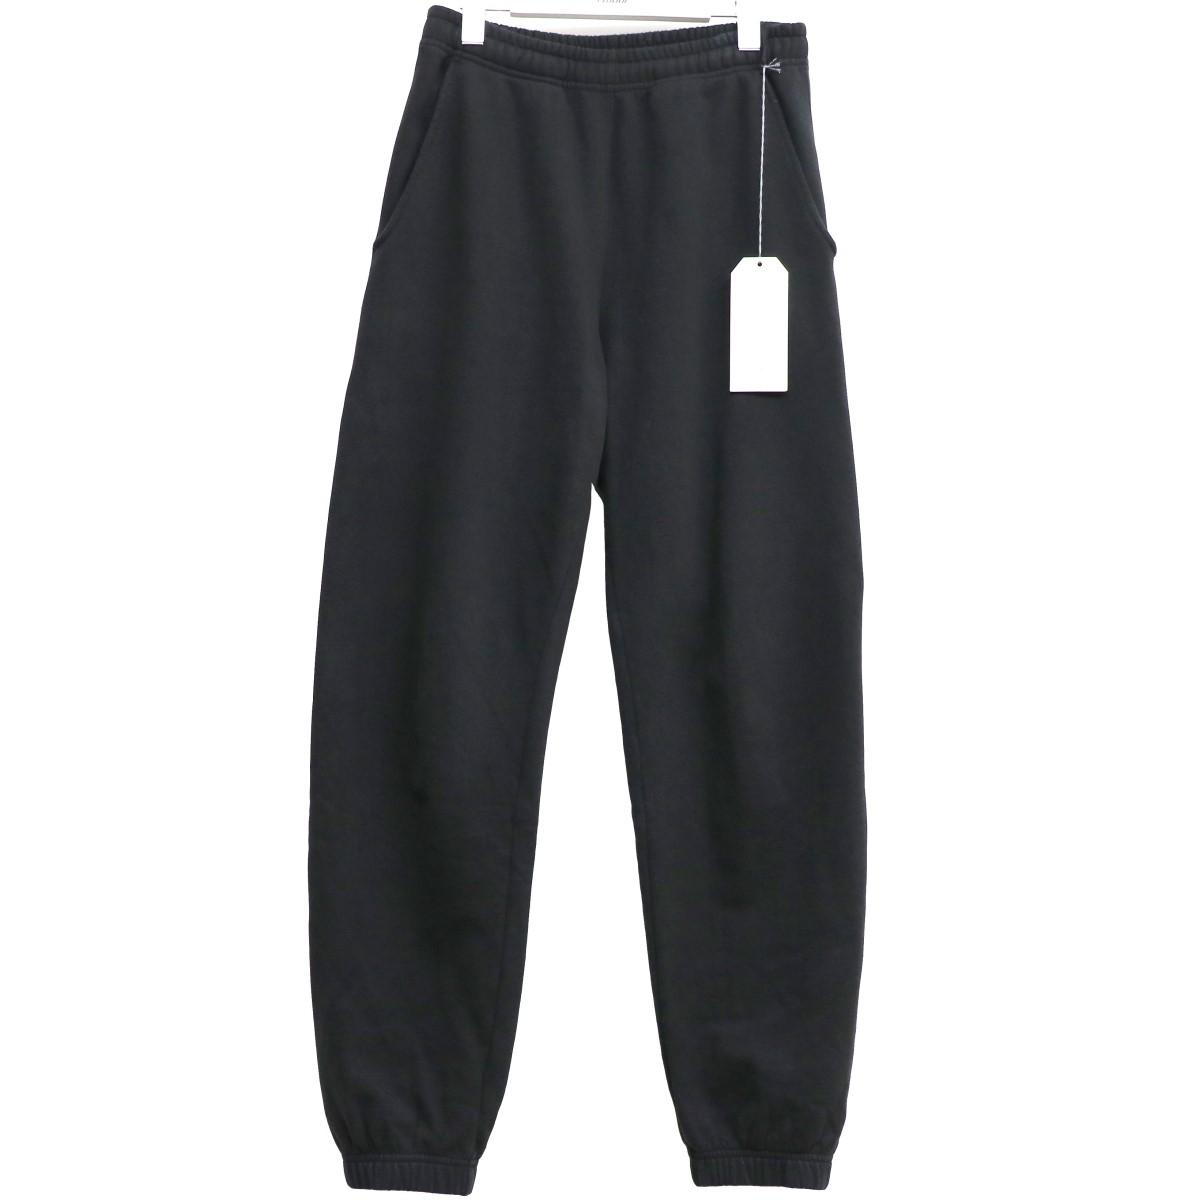 【中古】UNUSED 20SS UW0886 Sweat Pantsリブスウェットイージーパンツ ブラック サイズ:1(~94cm) 【070620】(アンユーズド)